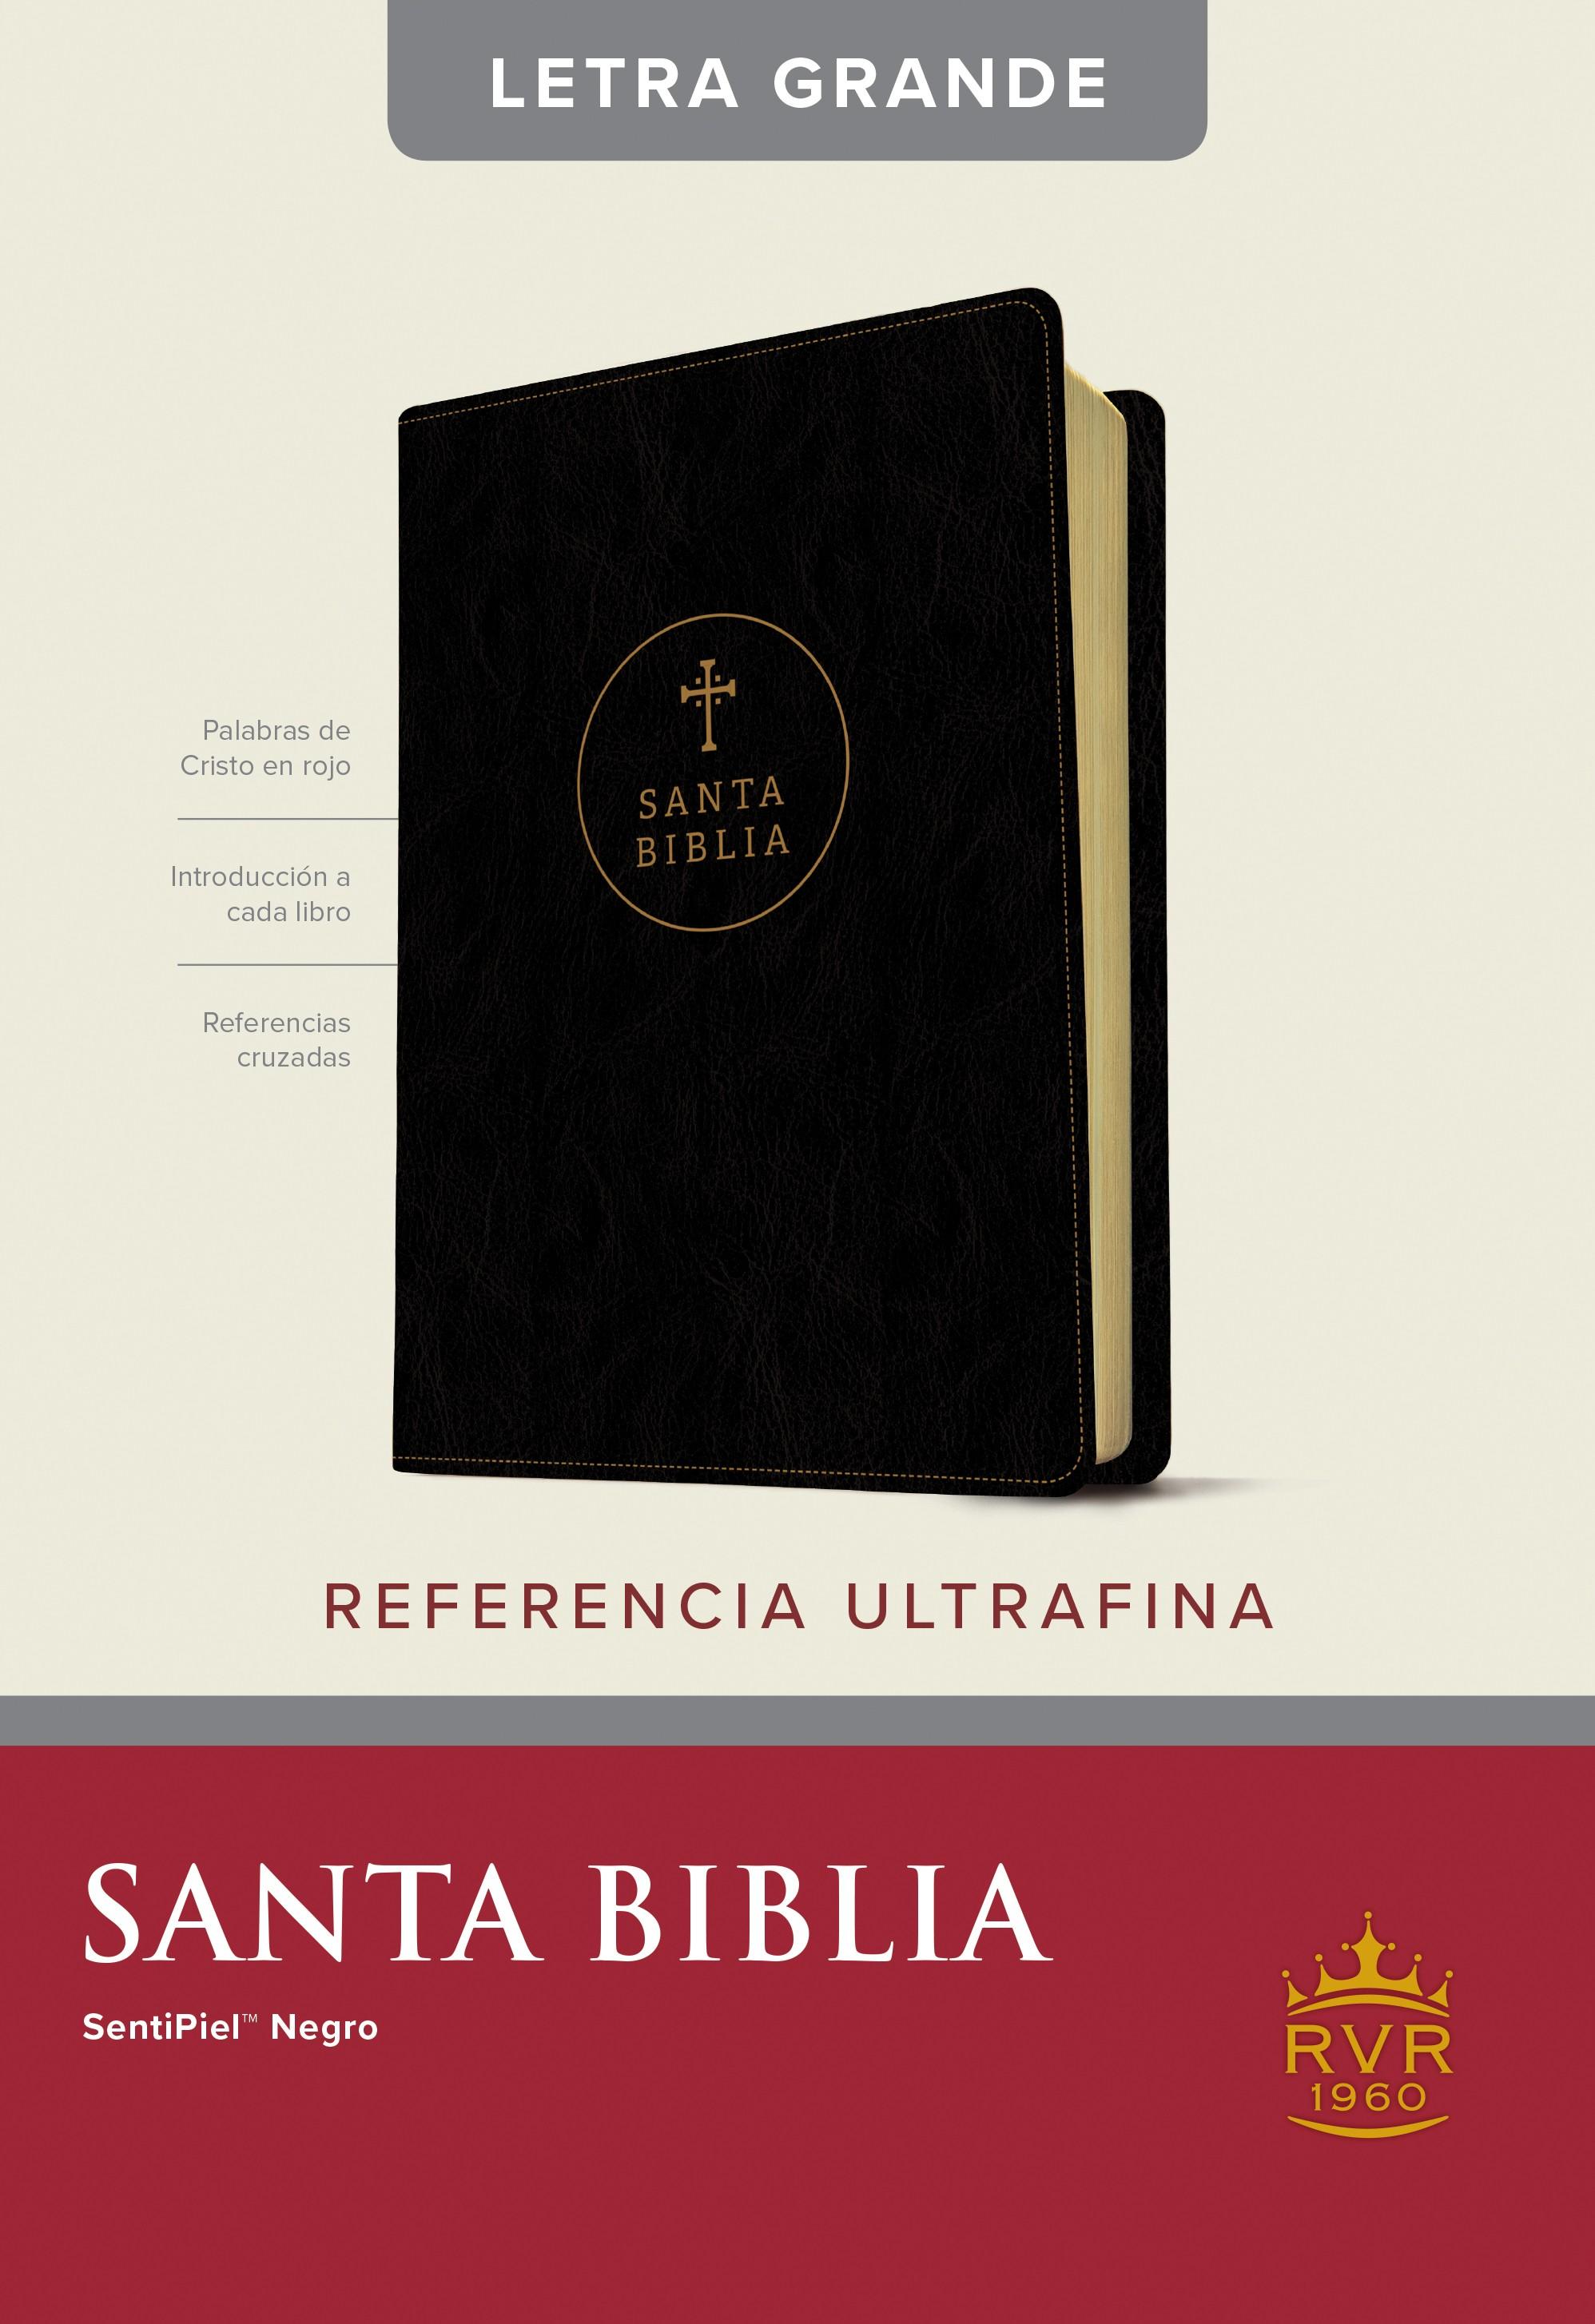 Santa Biblia RVR60, Edición de referencia ultrafina, letra grande (Letra Roja, SentiPiel, Negro, Índice)